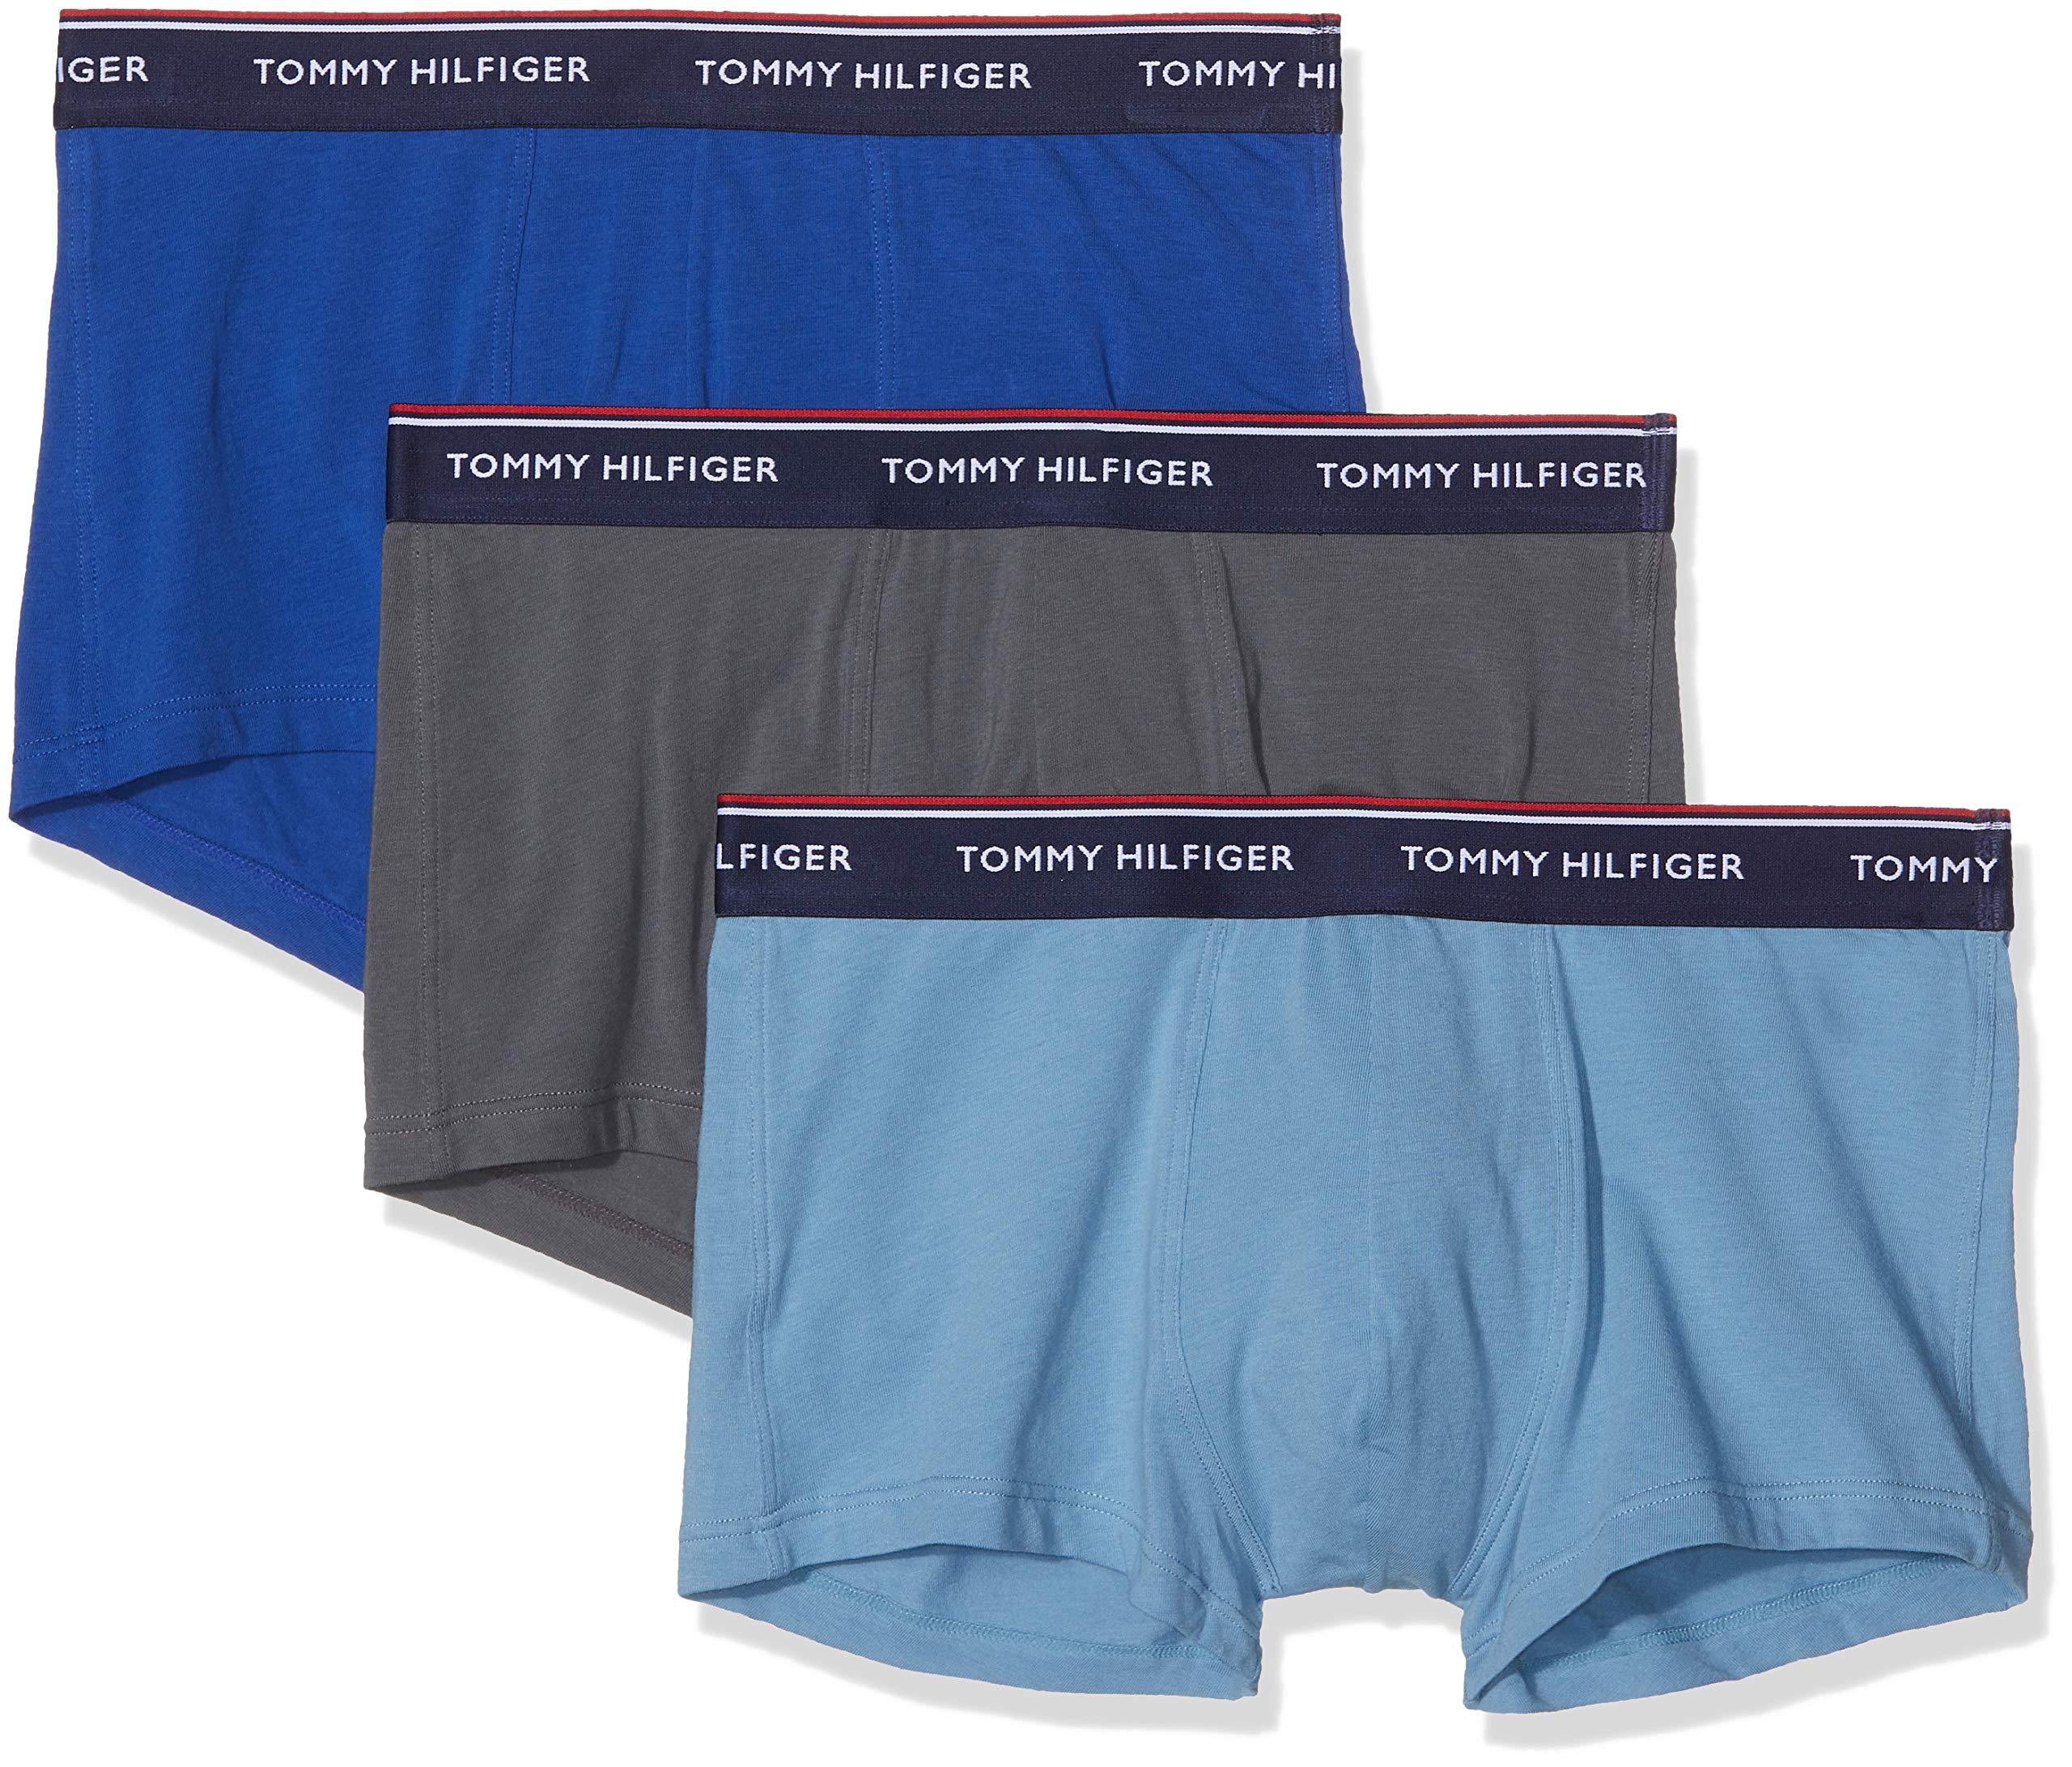 TOMMY HILFIGER Boxer Shorts (Pack de 3) para Hombre